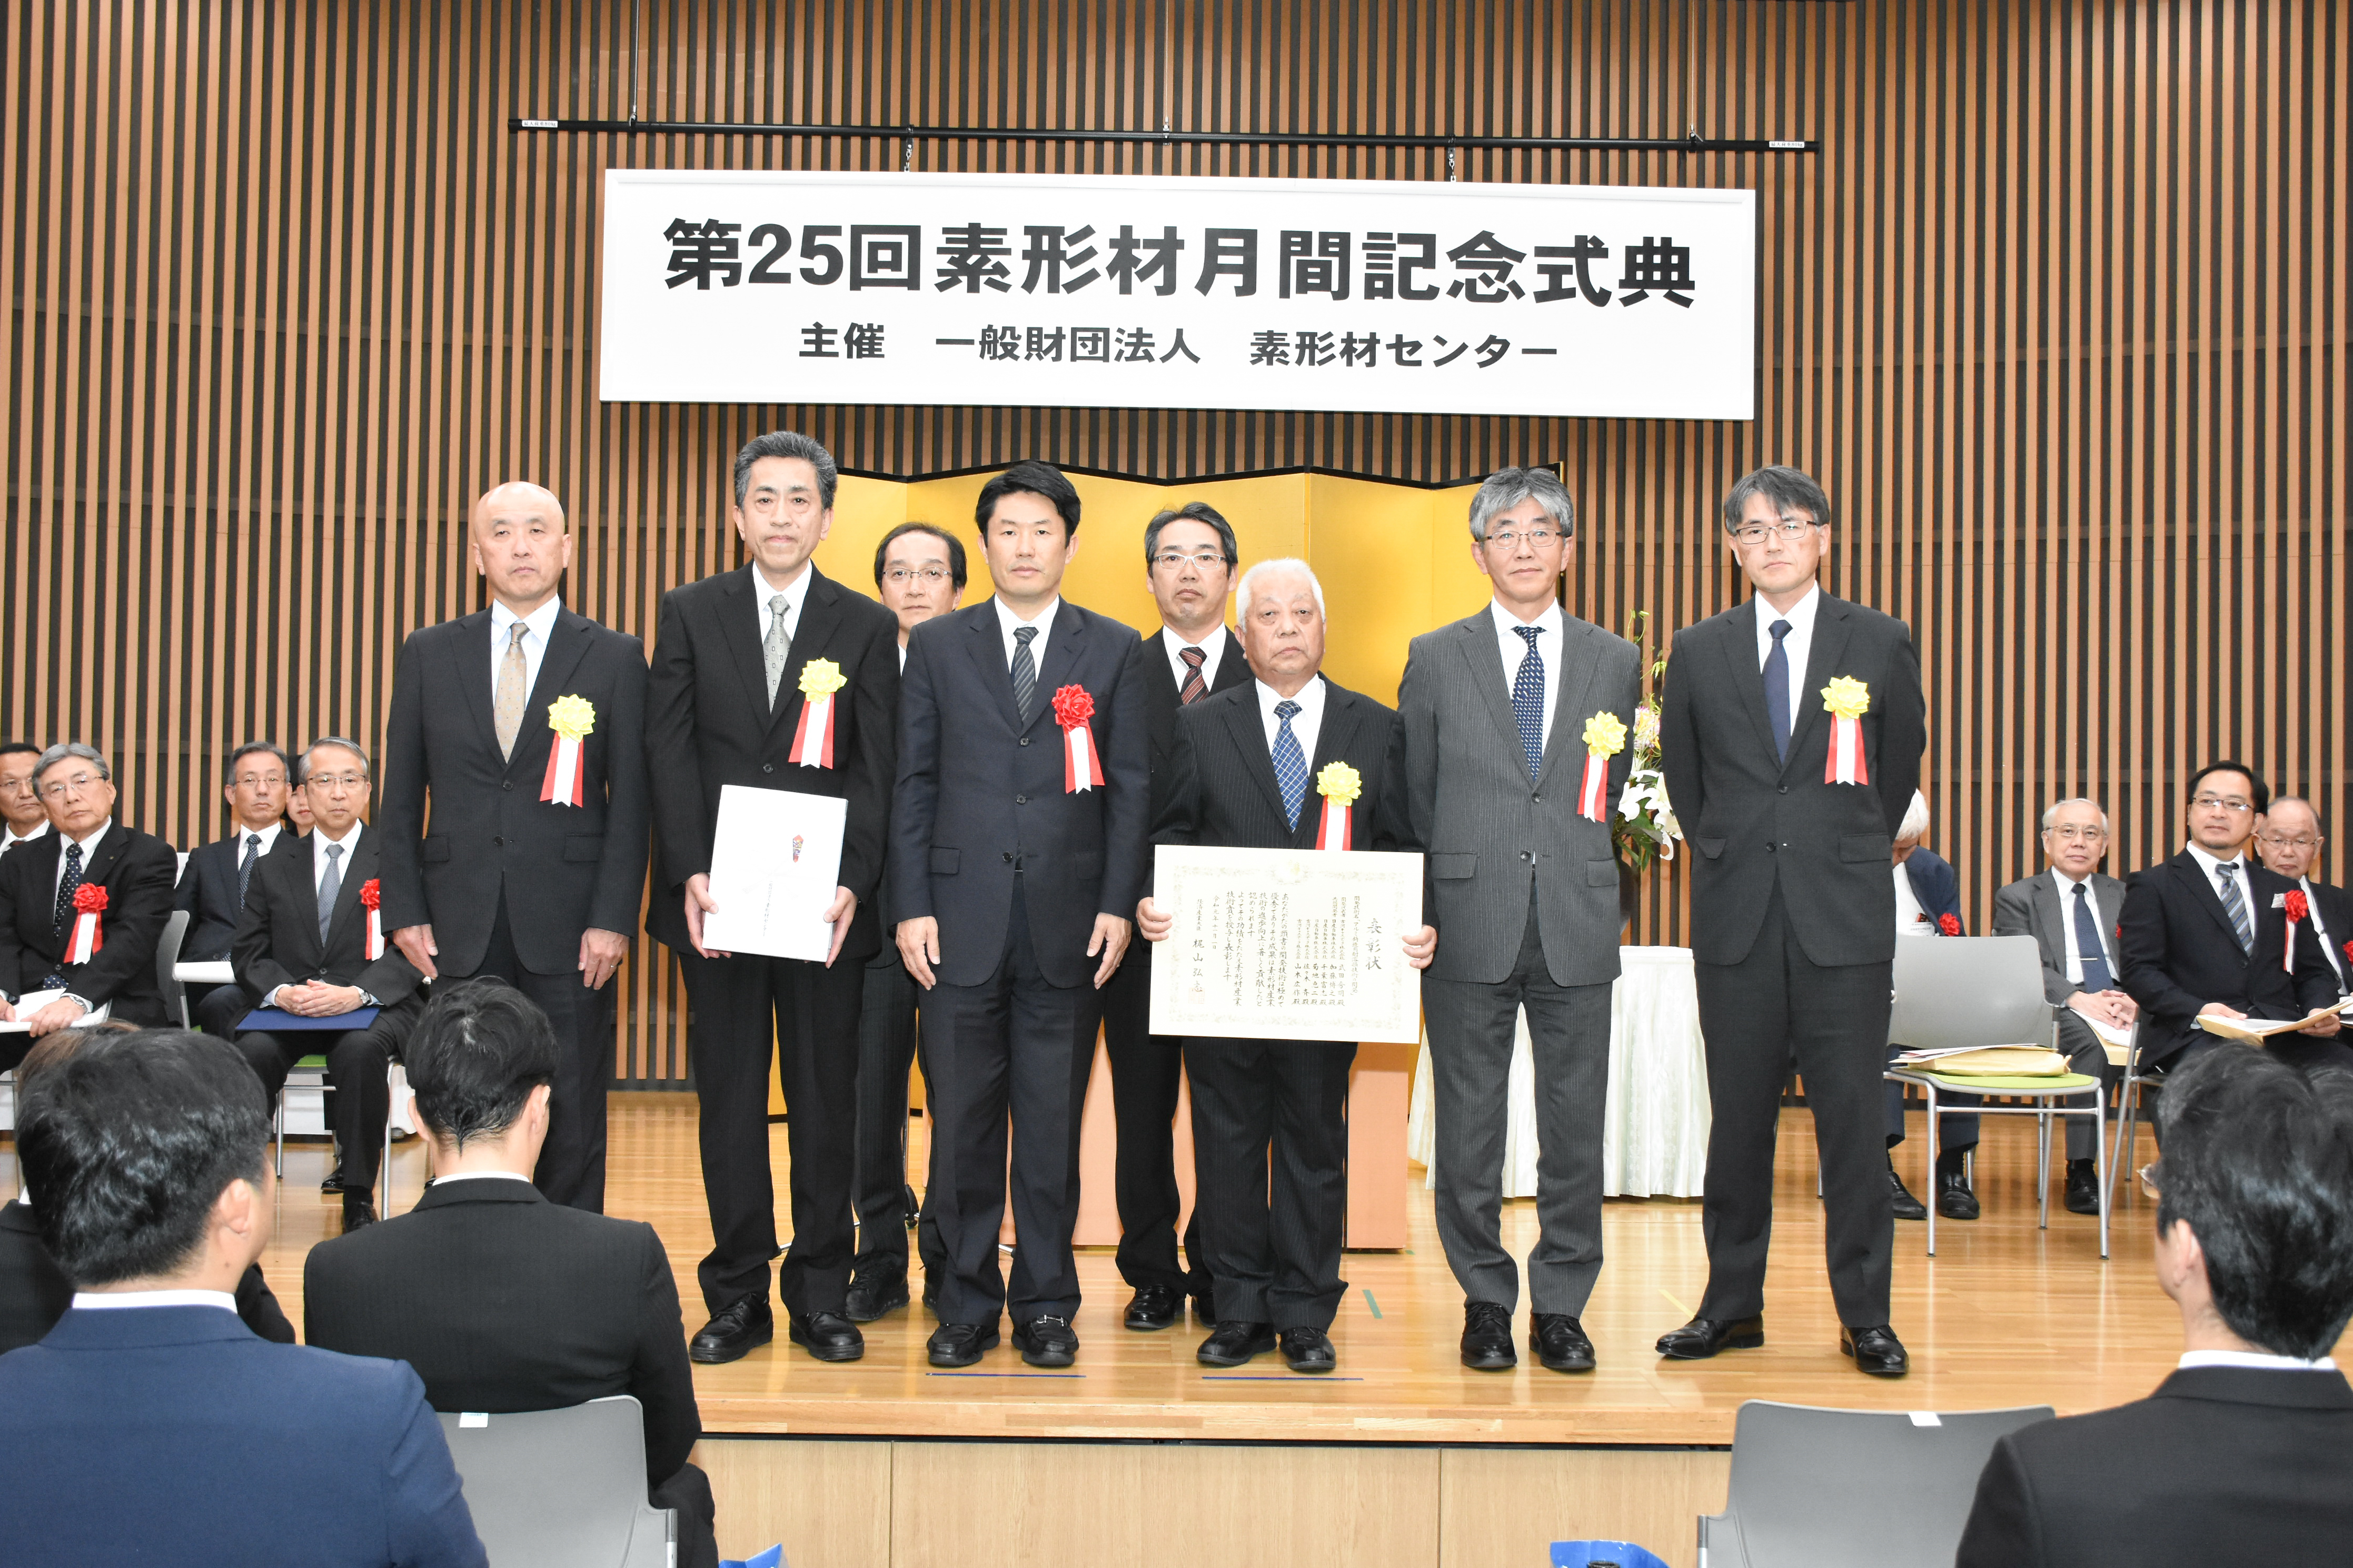 経済産業大臣賞表彰の画像